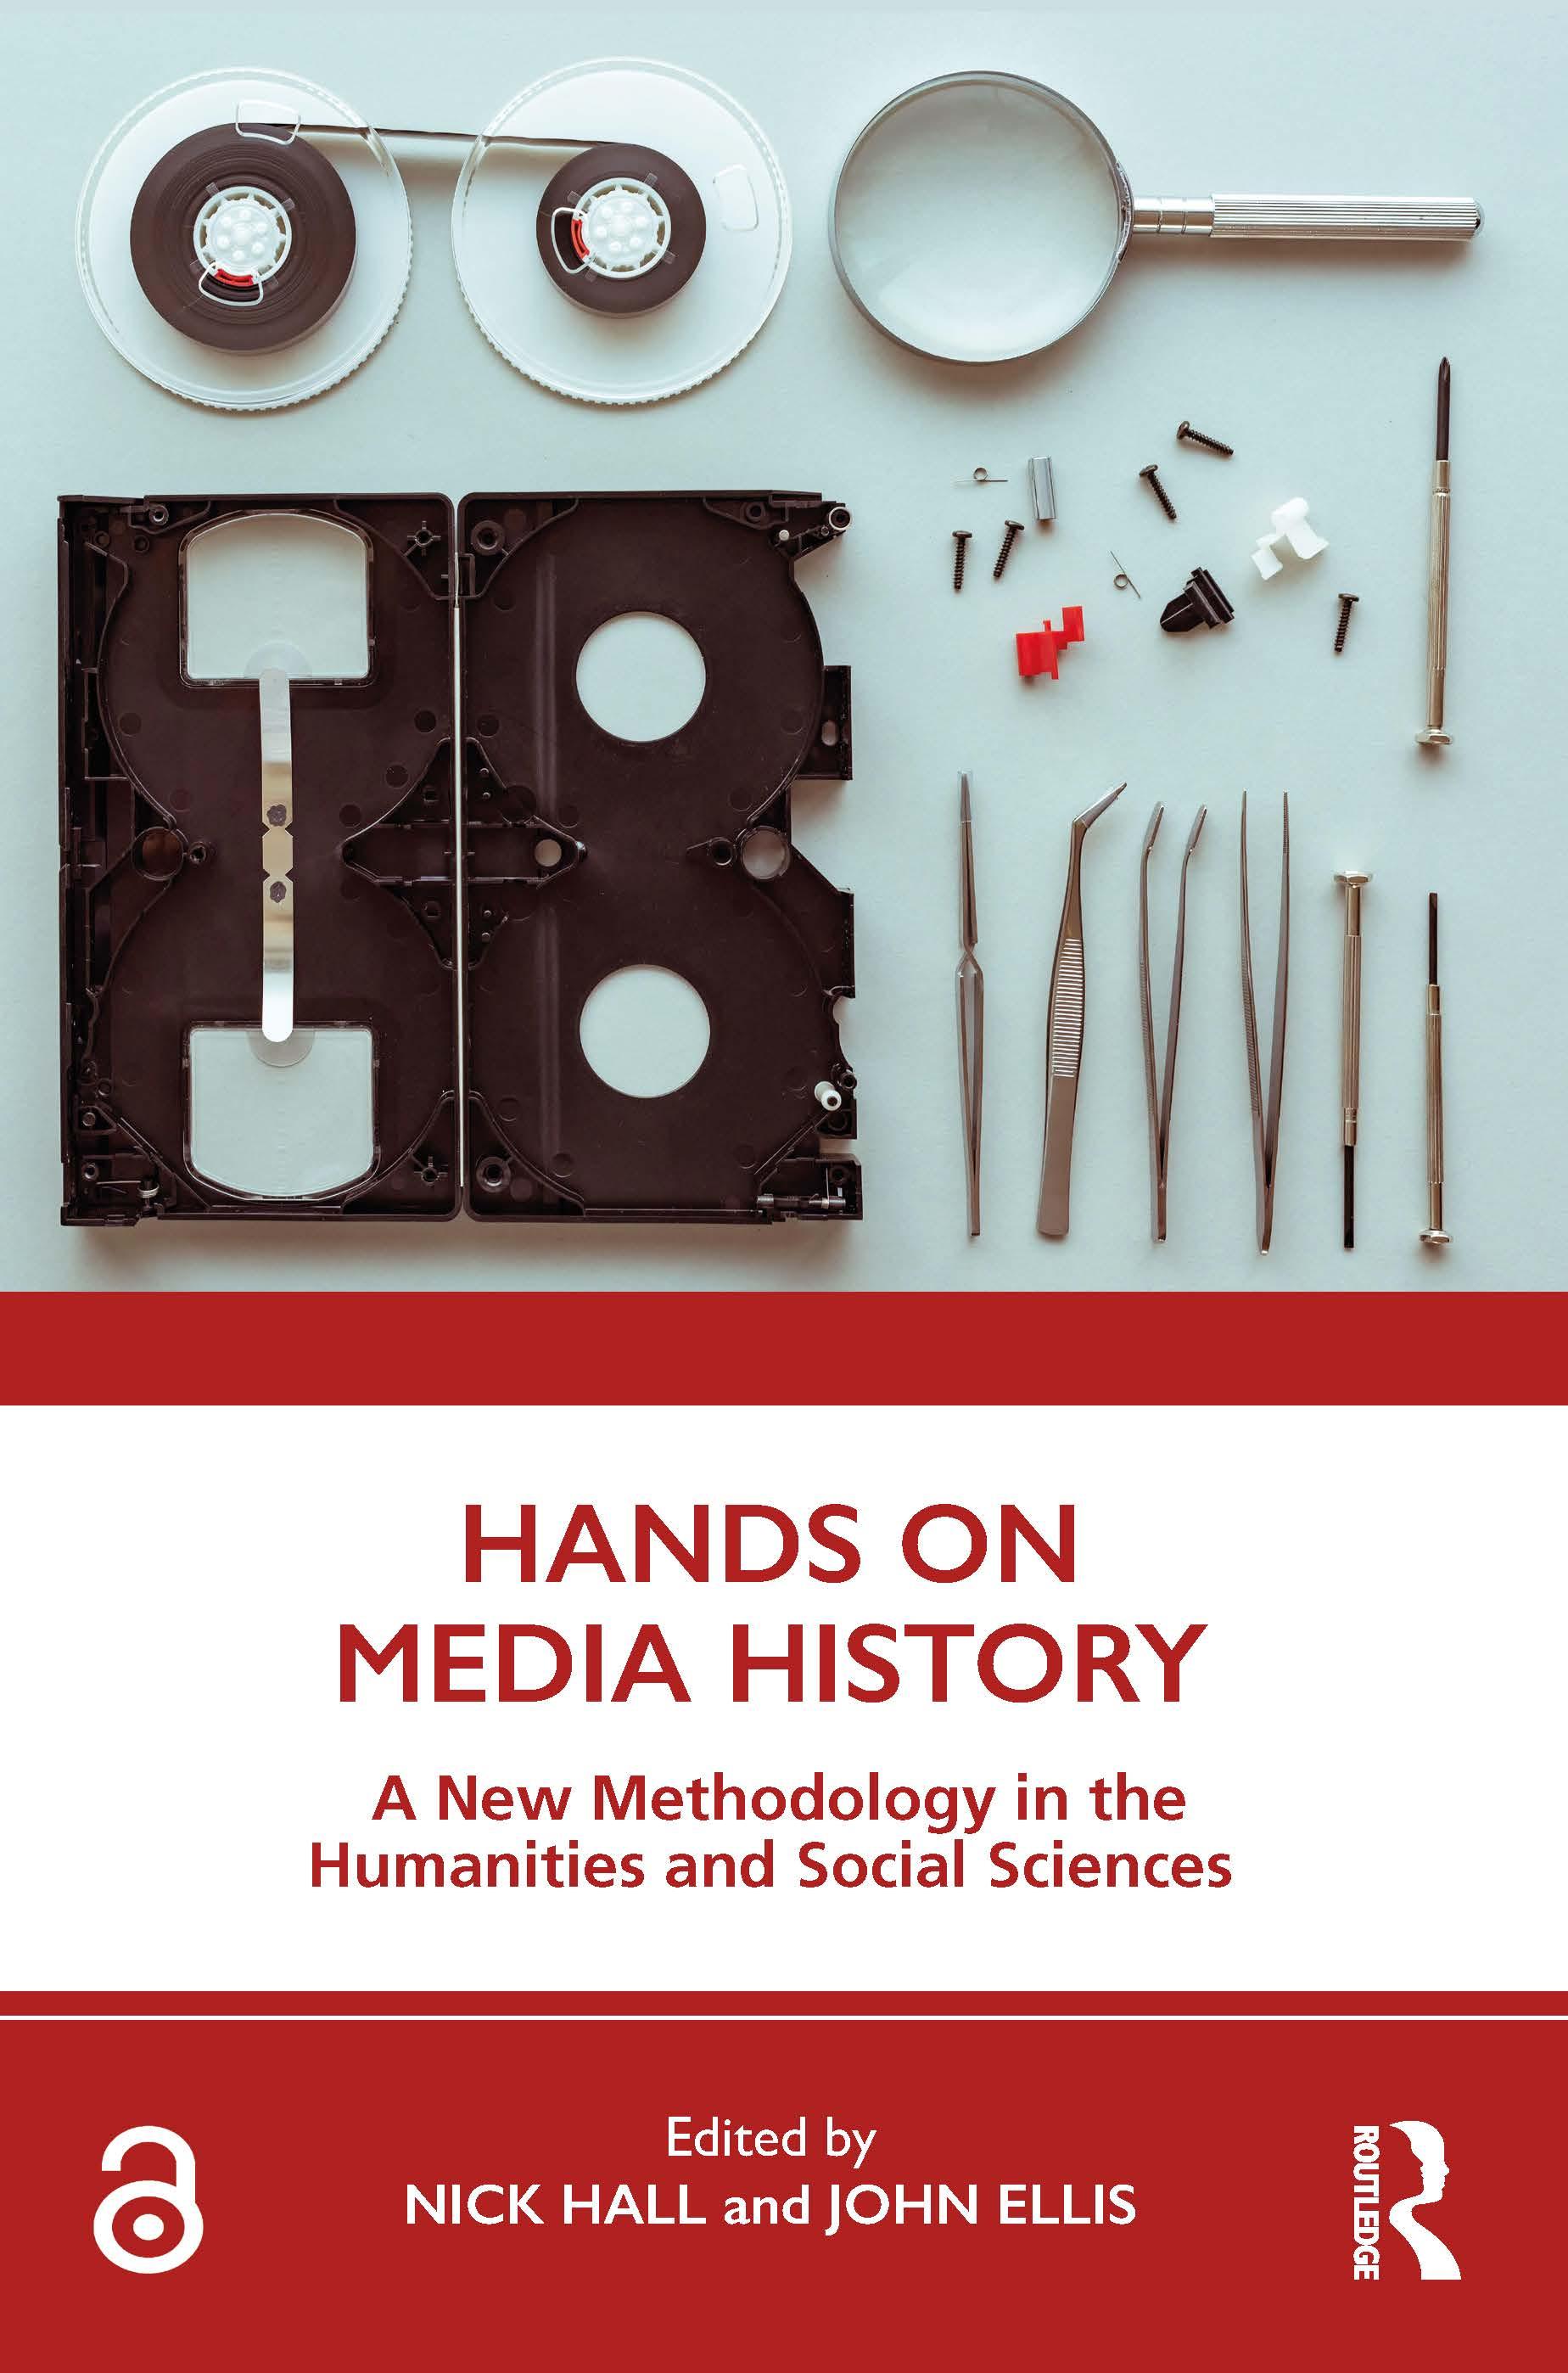 Hands on Media History